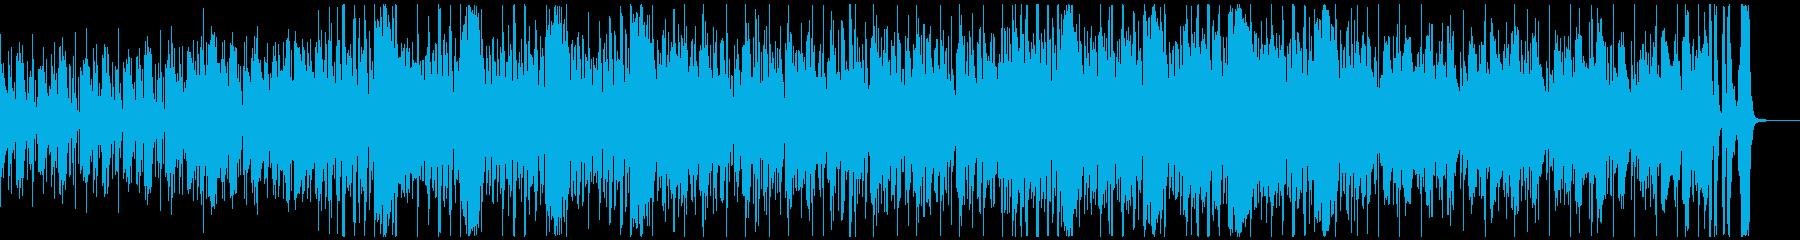 怪しく哀愁のある情熱的なラテンサルサの再生済みの波形